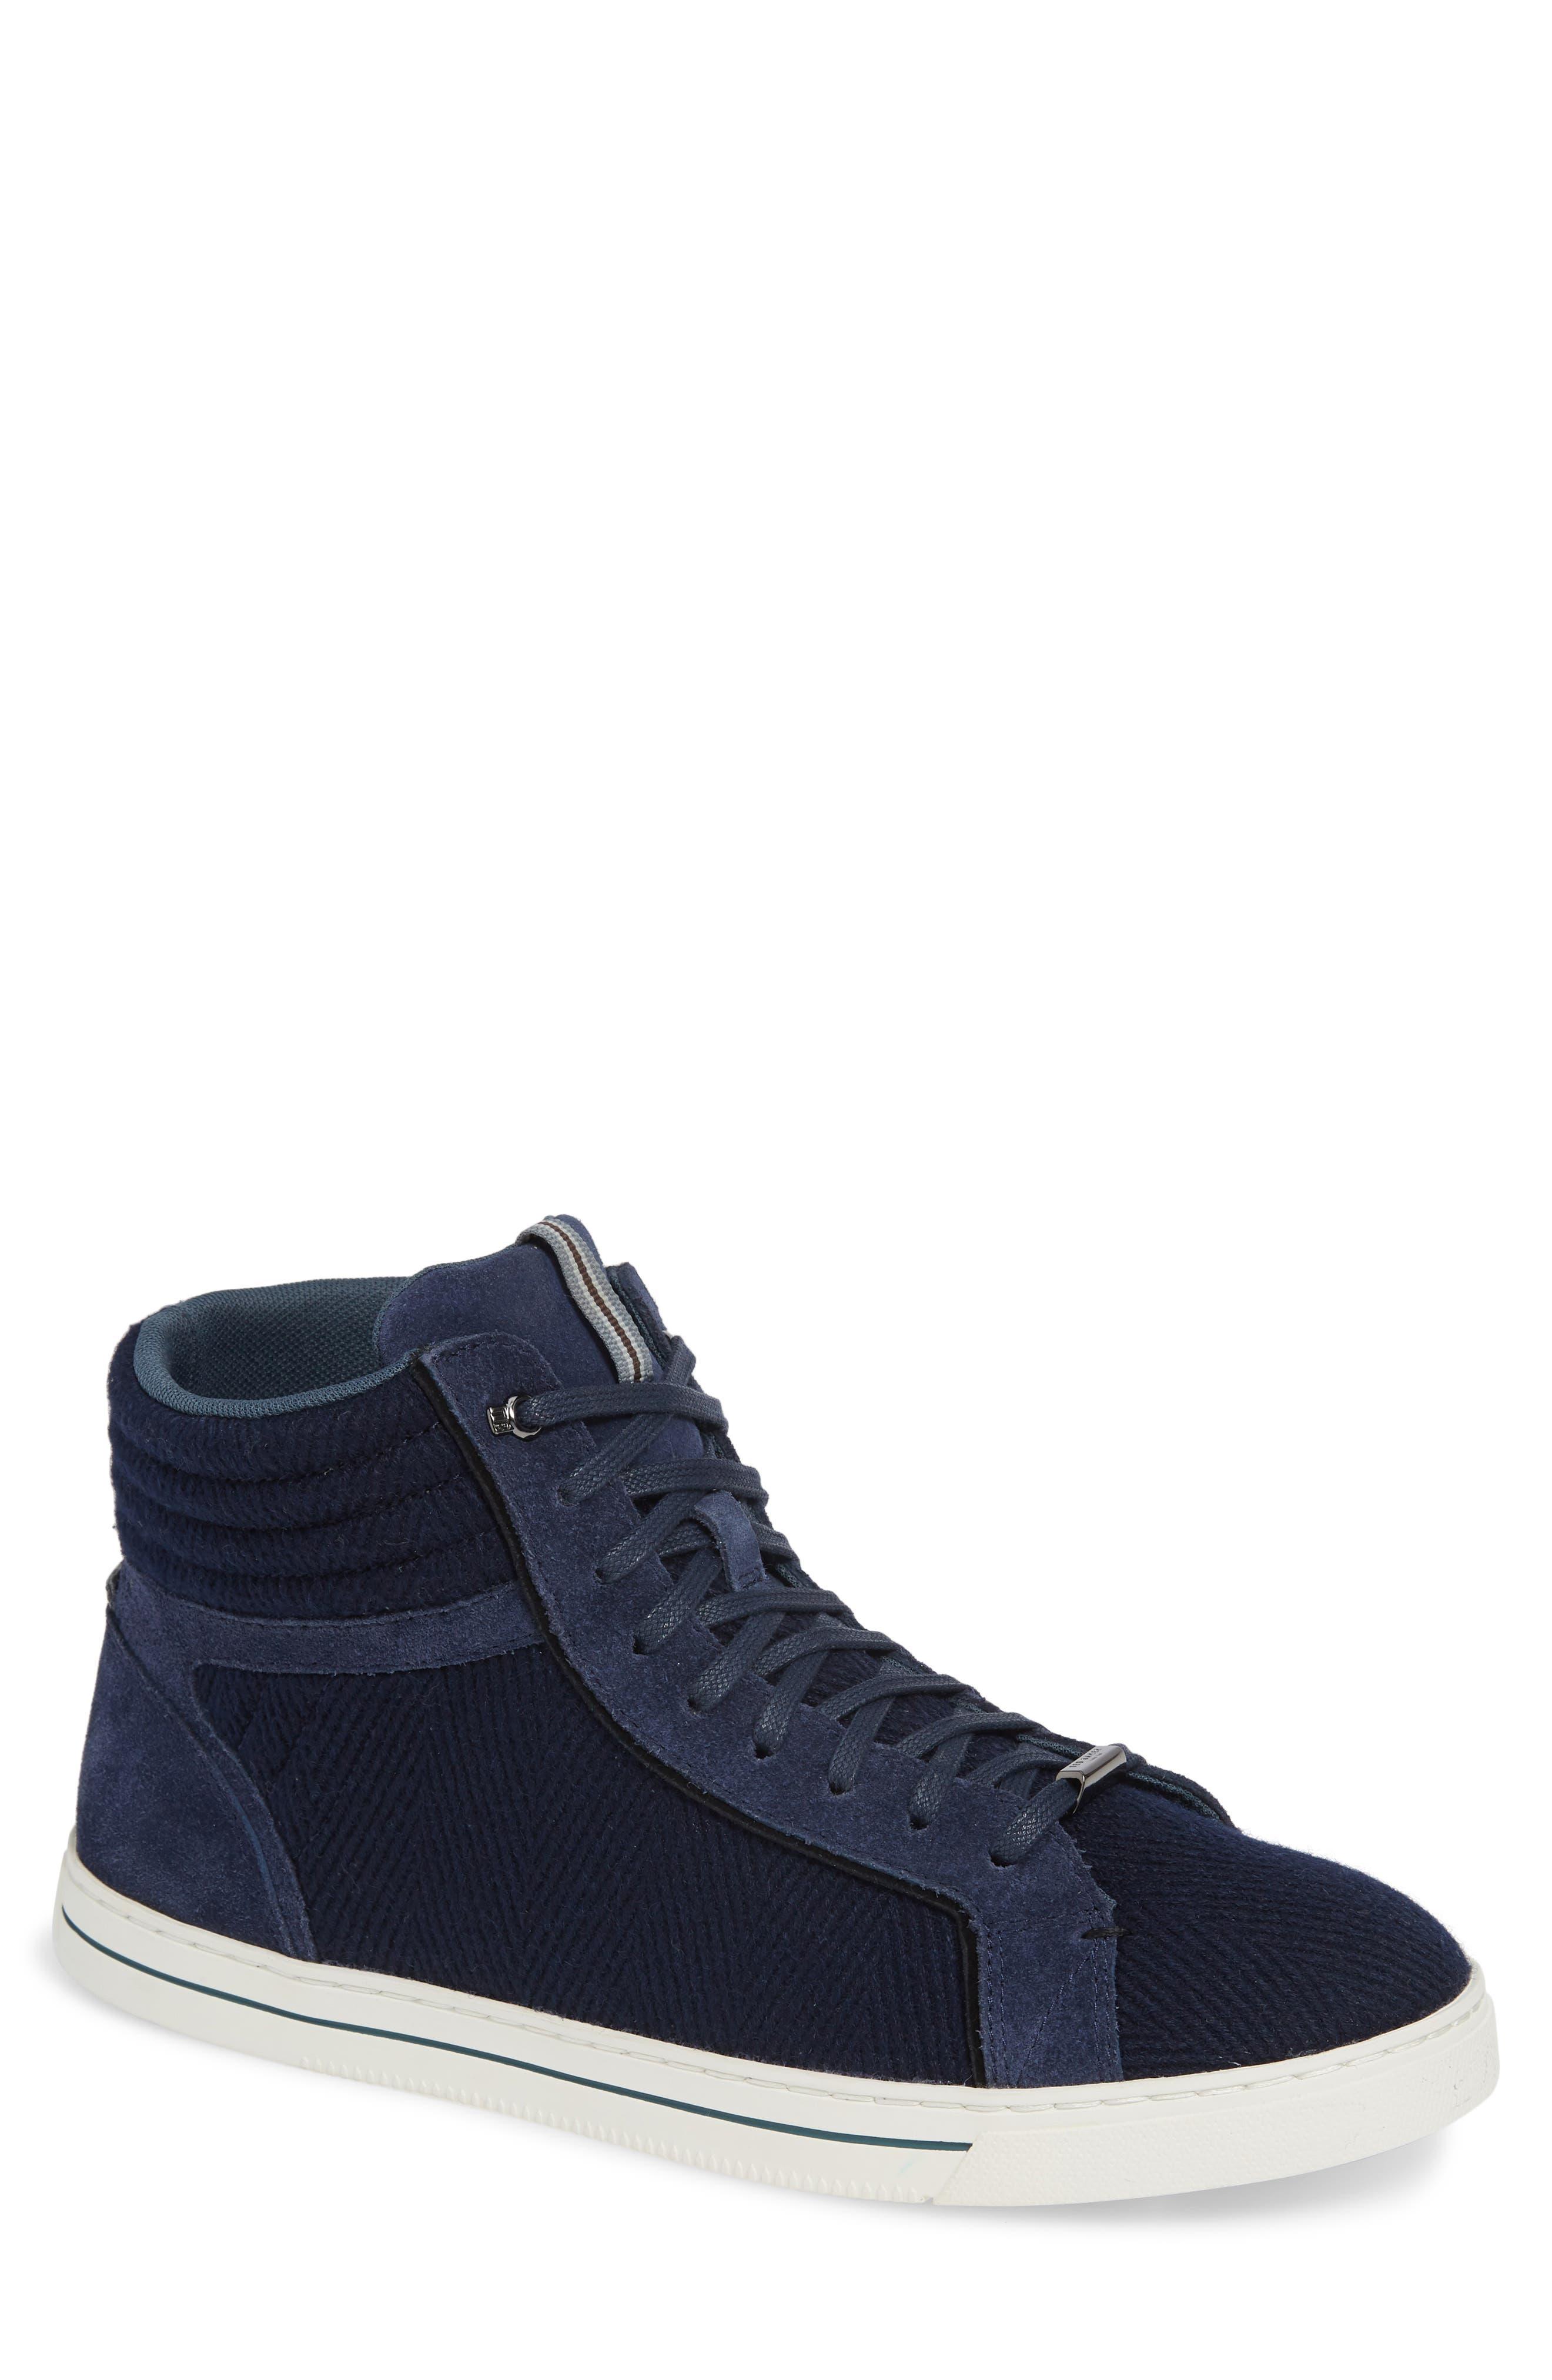 Luckan High Top Sneaker,                         Main,                         color, DARK BLUE FABRIC